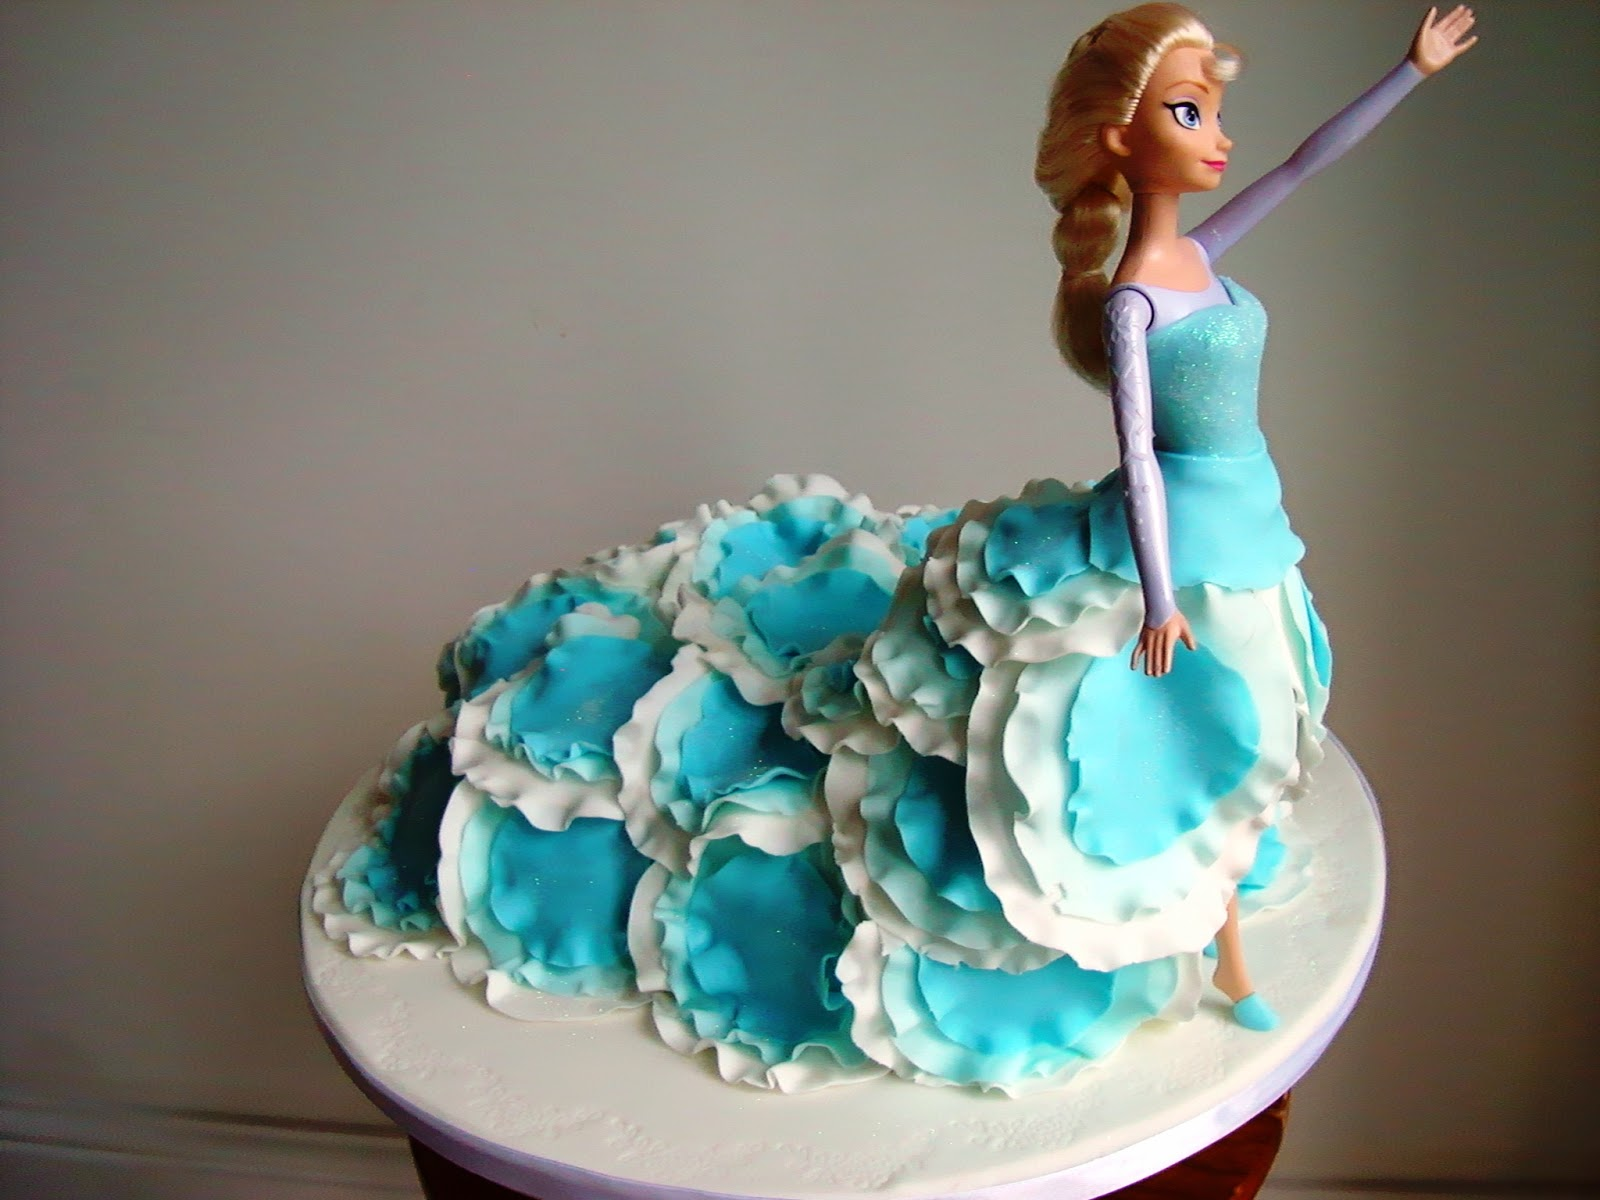 Elsa Cake Decoration Ideas : 100+ [ Frozen Elsa Cake Ideas ] Buttercream,Barbie ...